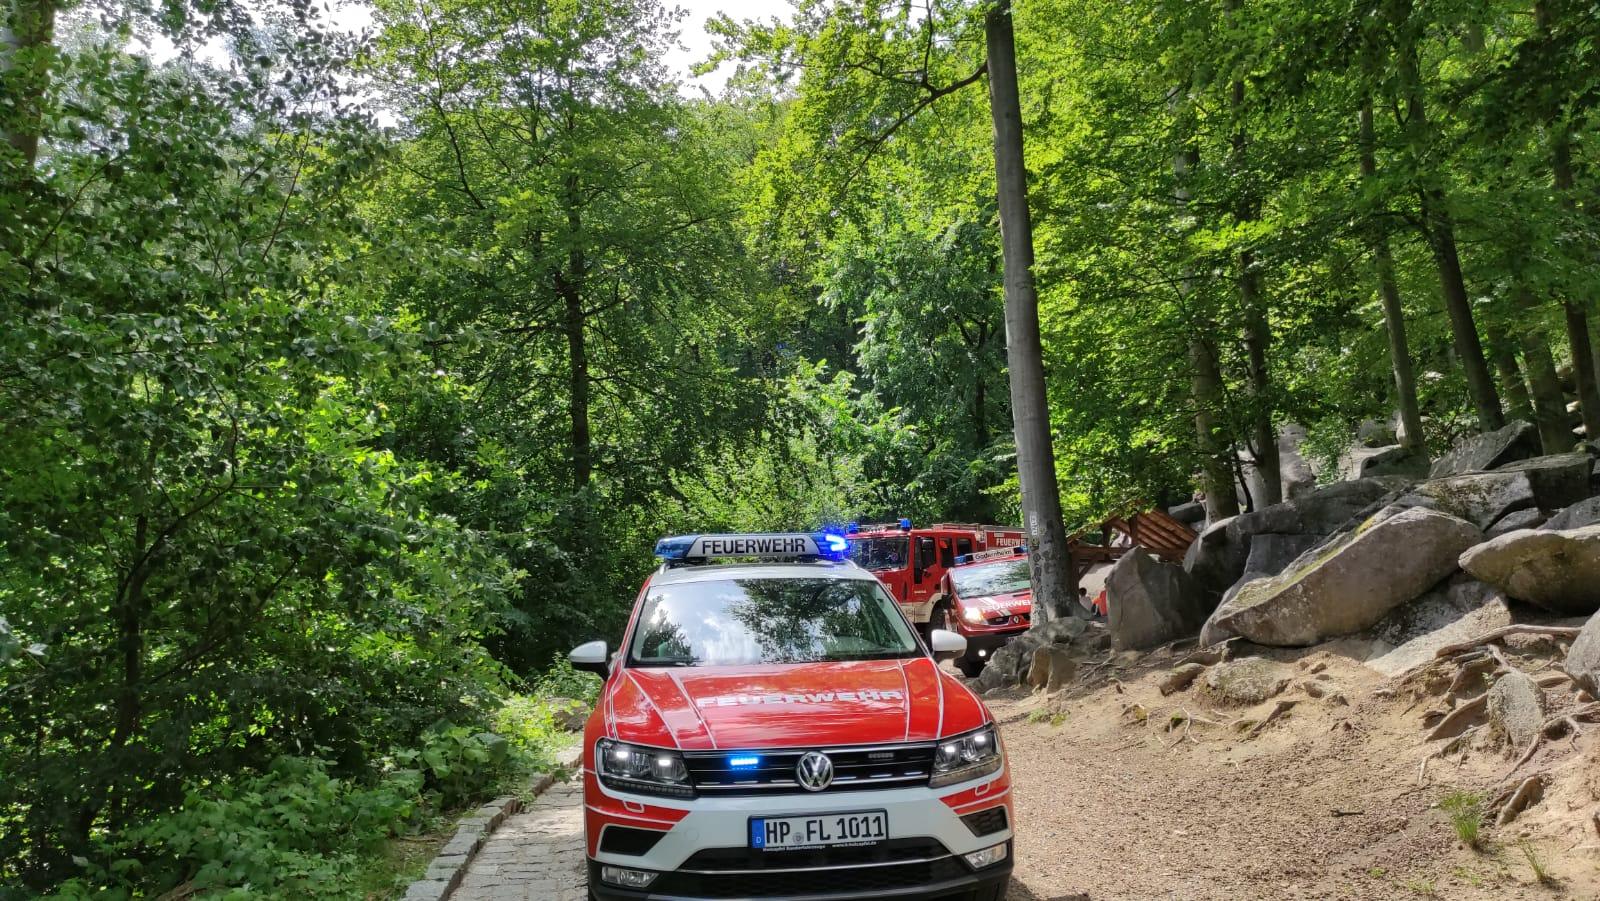 Feuerwehr und R27.06.2021 Felenmeer RP4 1. Einsatzettungsdienst bei Rettungspunkt 4 im Felsenmeer am 27. Juni